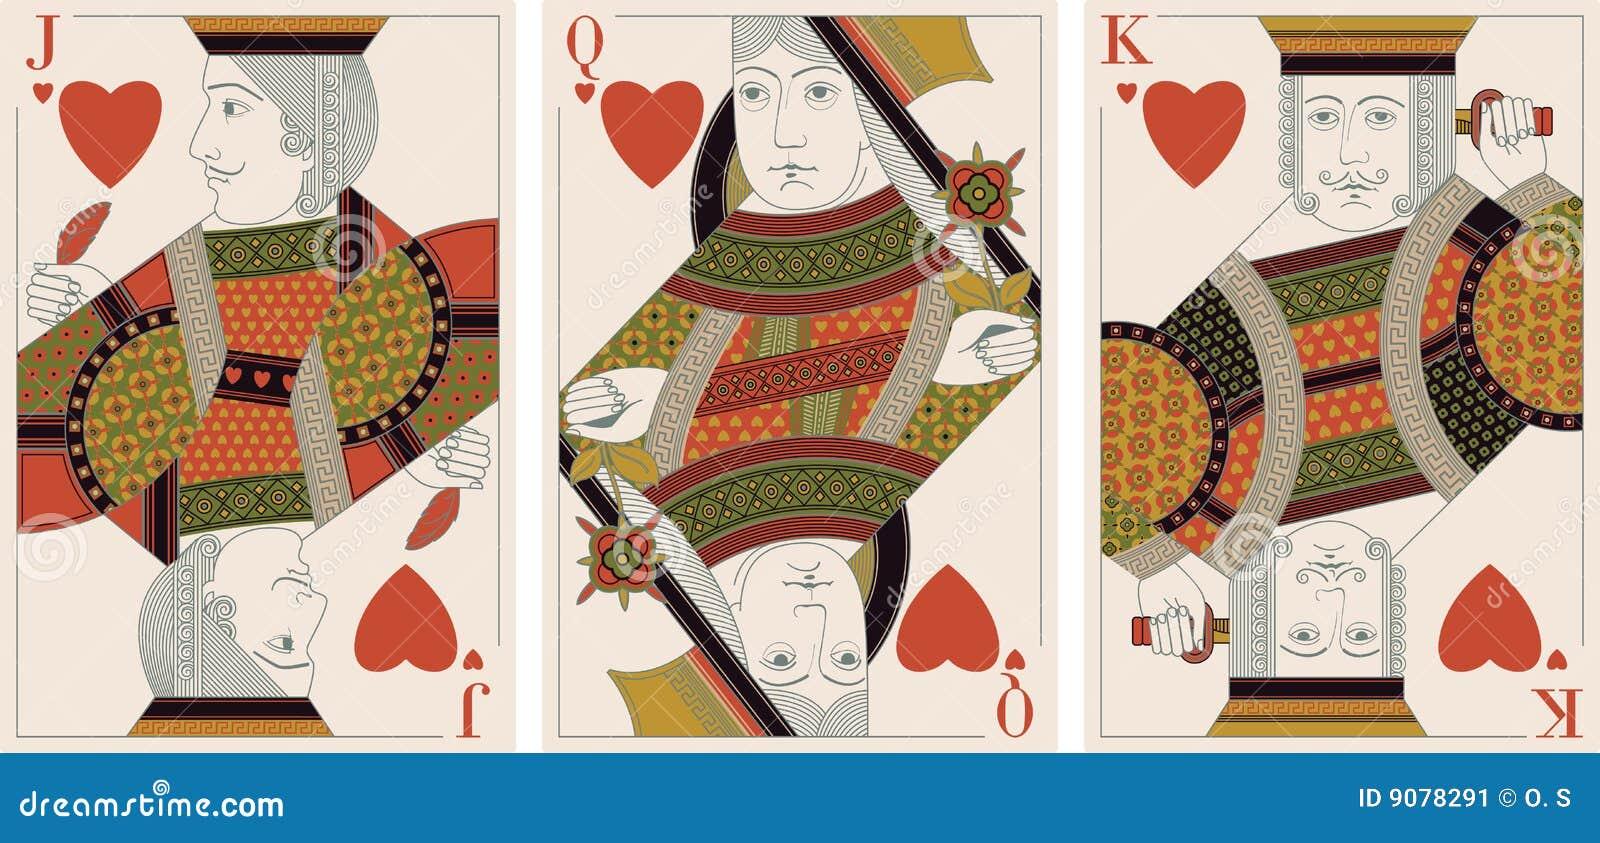 Jack, König, Königin der Innerer - Vektor